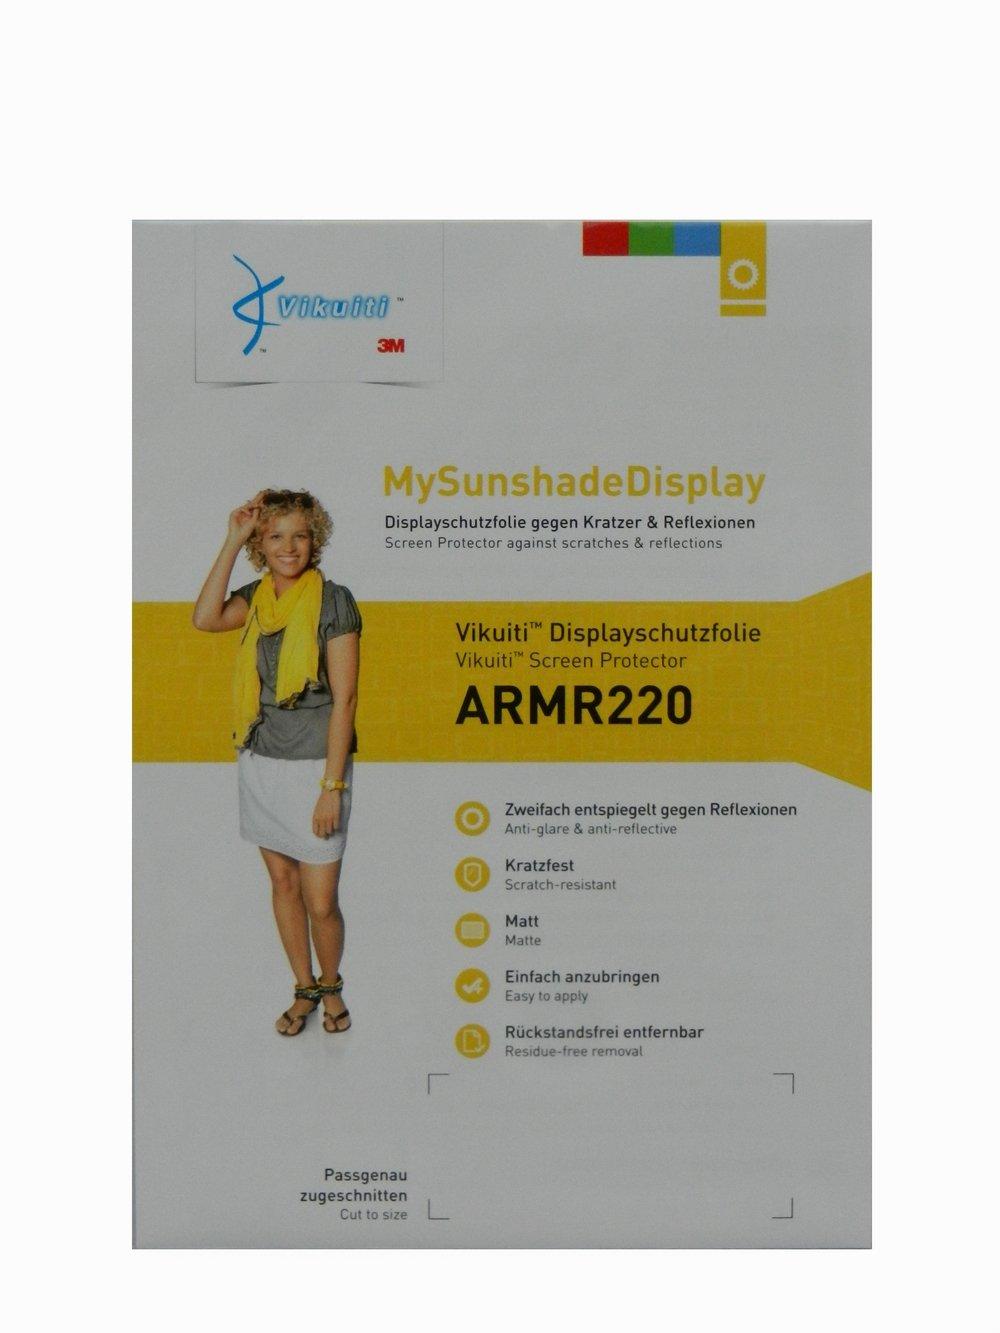 Vikuiti armr220スクリーンプロテクターfor Beckerアクティブ45、100正確に継手 – 簡単マウント可能 – Matt and反射防止 – 傷付き   B00IRJ0I08